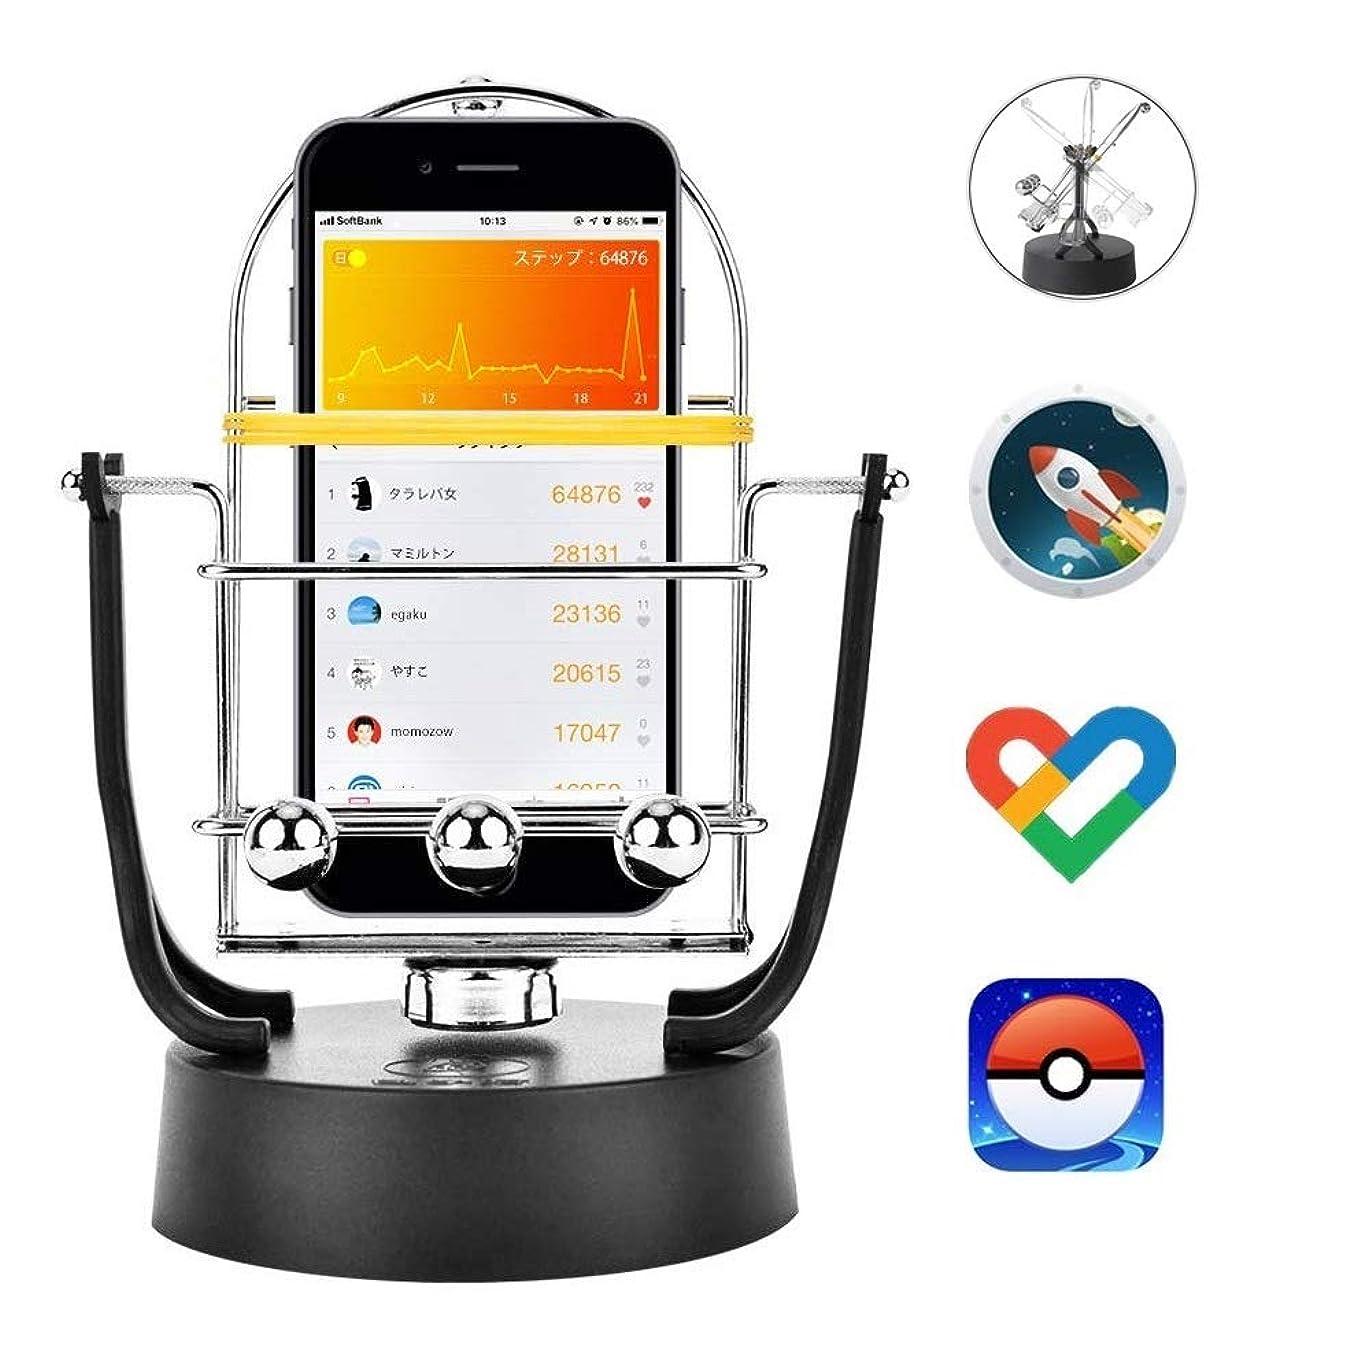 ウサギカスタム海洋Yibaision 回転スイング バランスボール 歩数を増やす 携帯電話自動スイング スマホスタンド 永久運動 携帯電話の揺れ装置 パーペチュアルモーション ポケモンゴーやwalkr Google Fitに 子供の誕生日に 振り子教育玩具 usb給電 インテリア